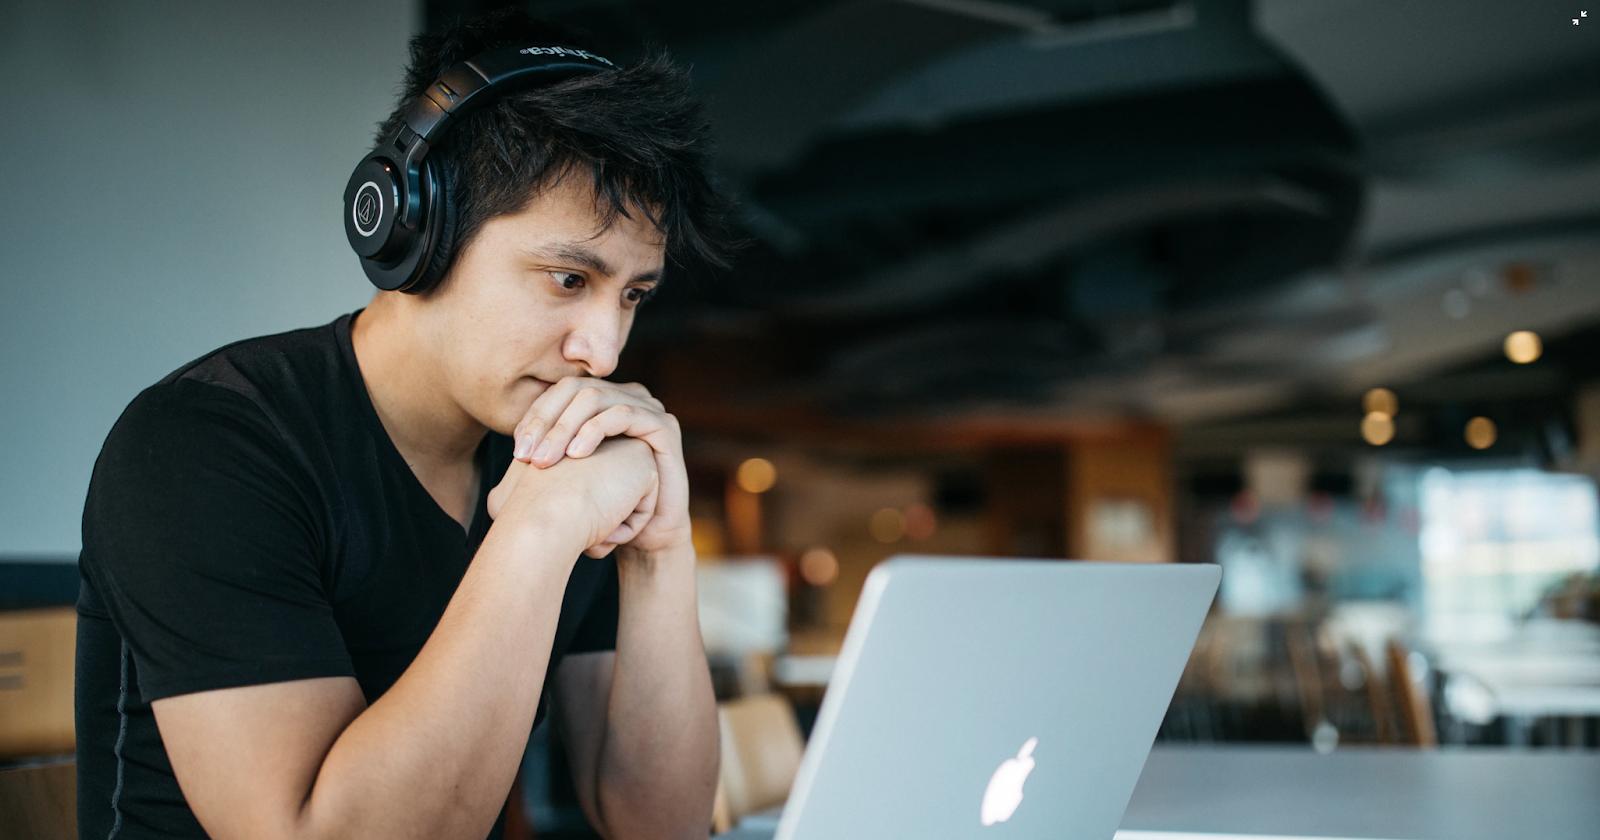 persona con auriculares mirando la computadora